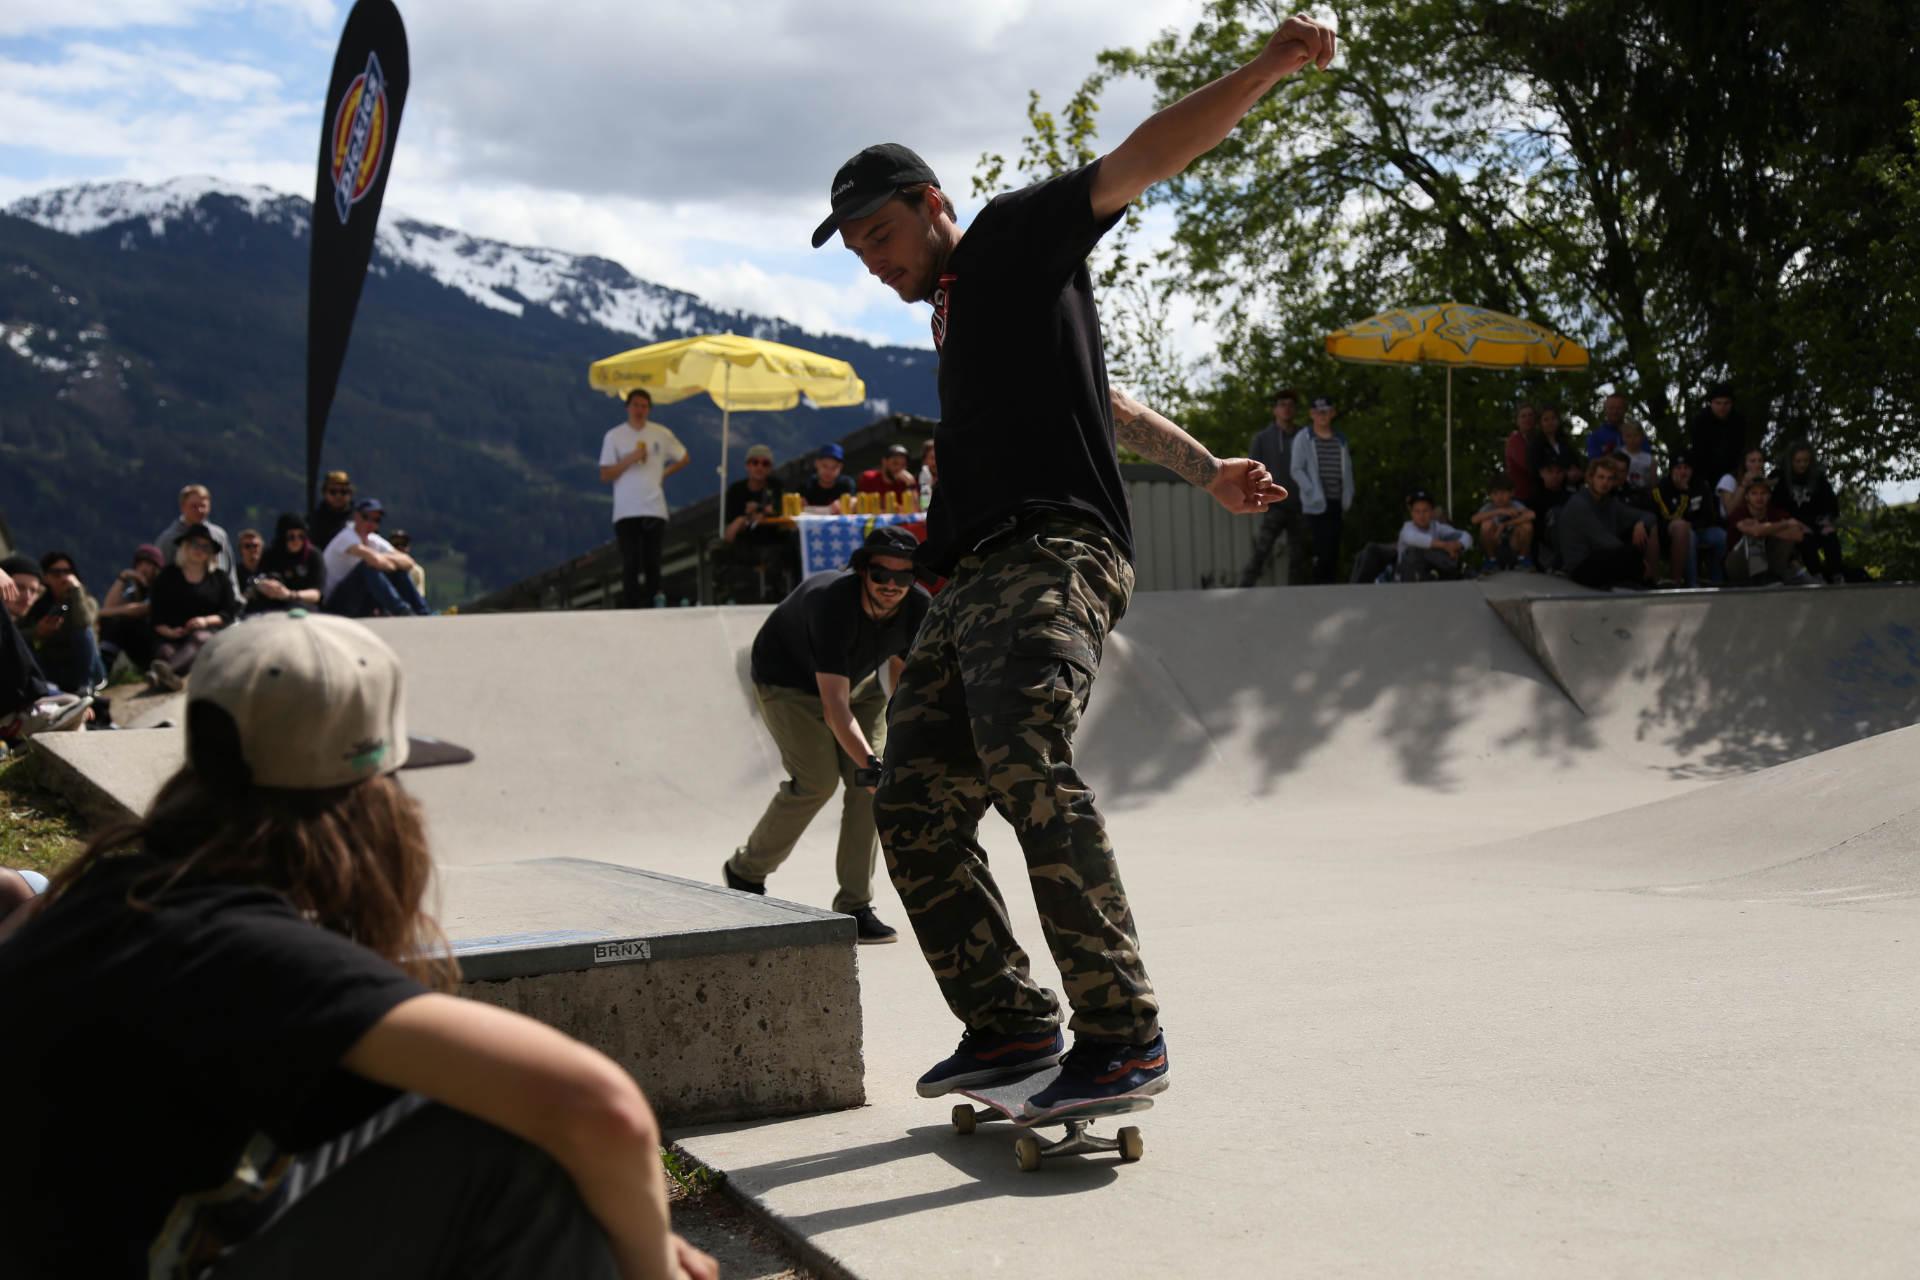 skateboard headz fieberbrunn kgt kitz gau trophy 2019 saalfelden hell00074